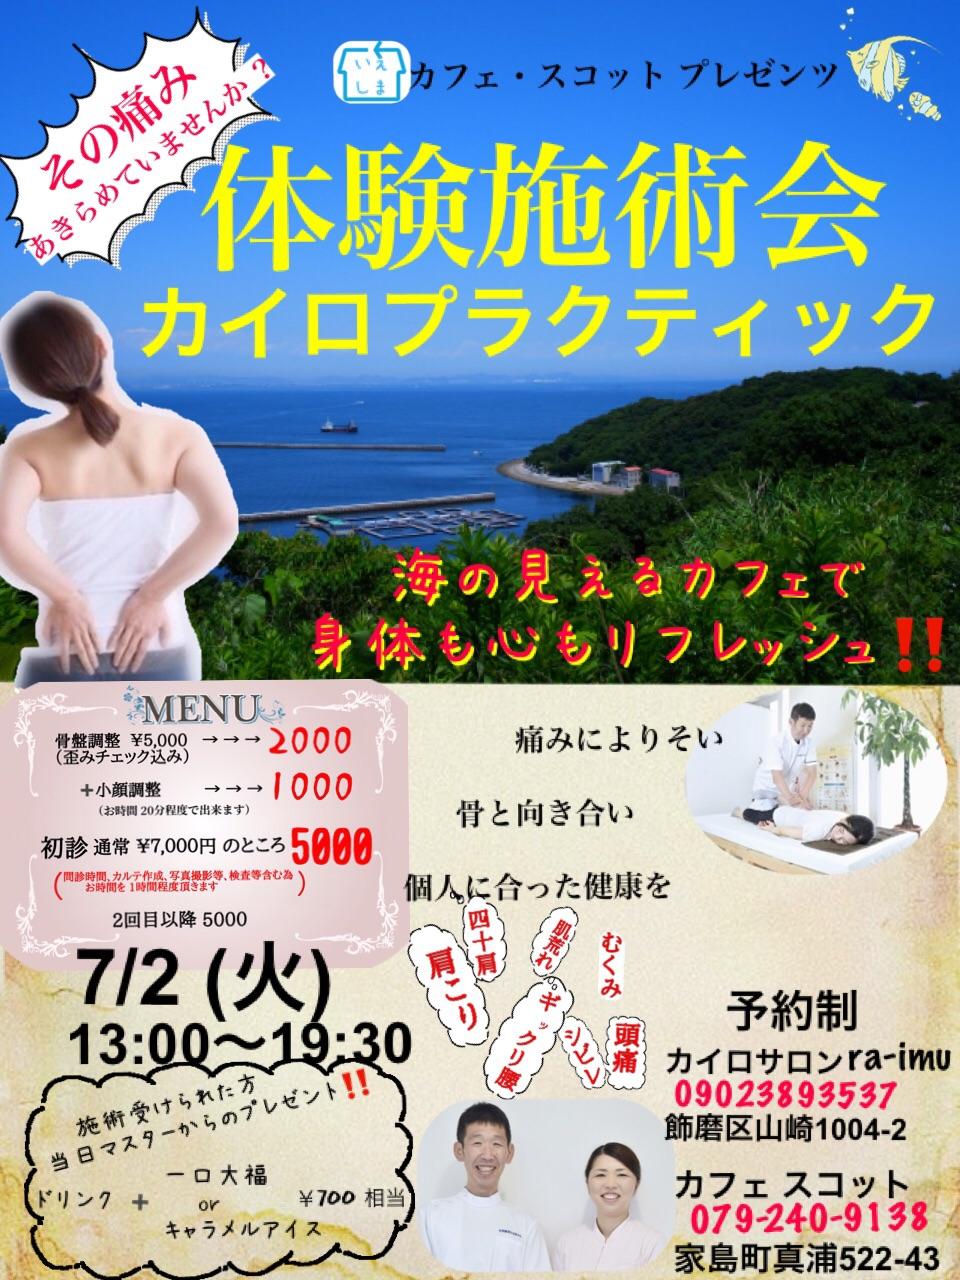 【7/2】カイロプラクティック体験施術会を実施します!